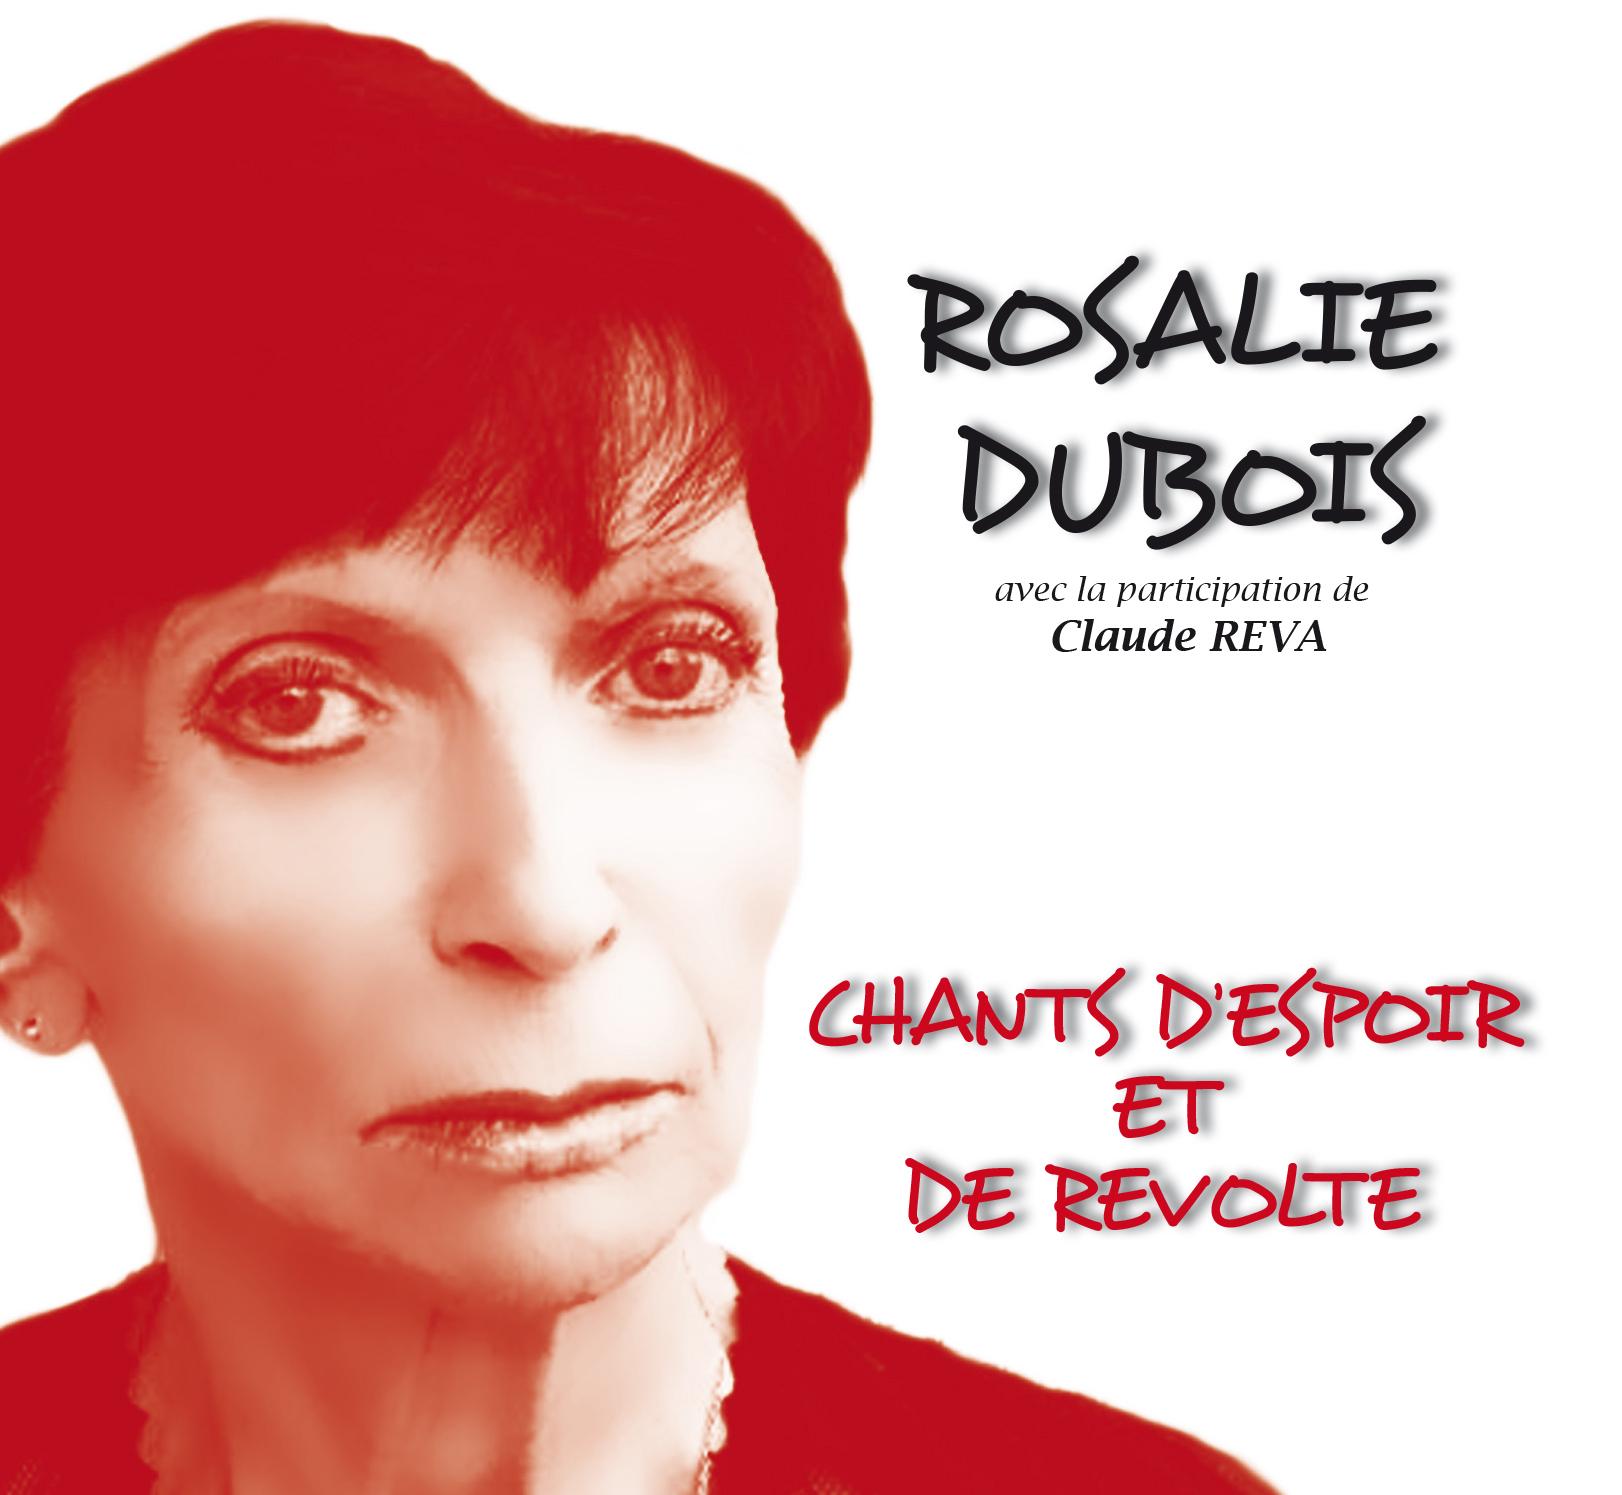 ROSALIE DUBOIS CHANTS D'ESPOIR ET DE REVOLTE